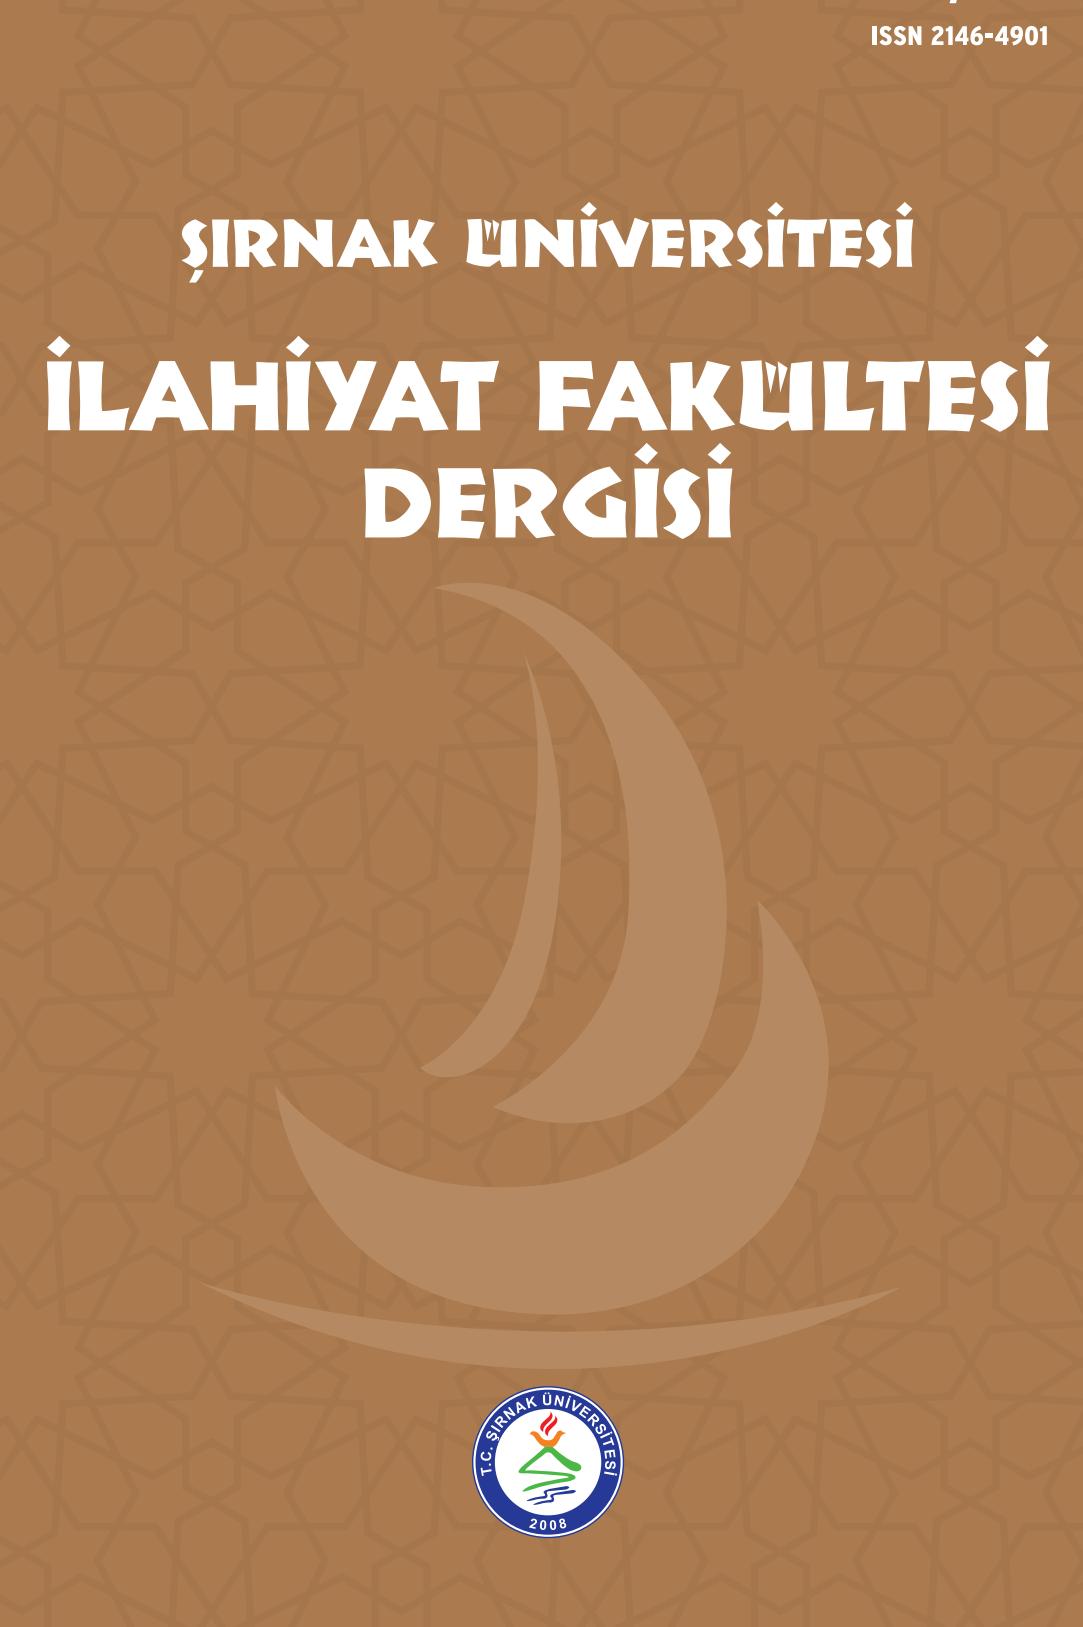 Şırnak Üniversitesi İlahiyat Fakültesi Dergisi